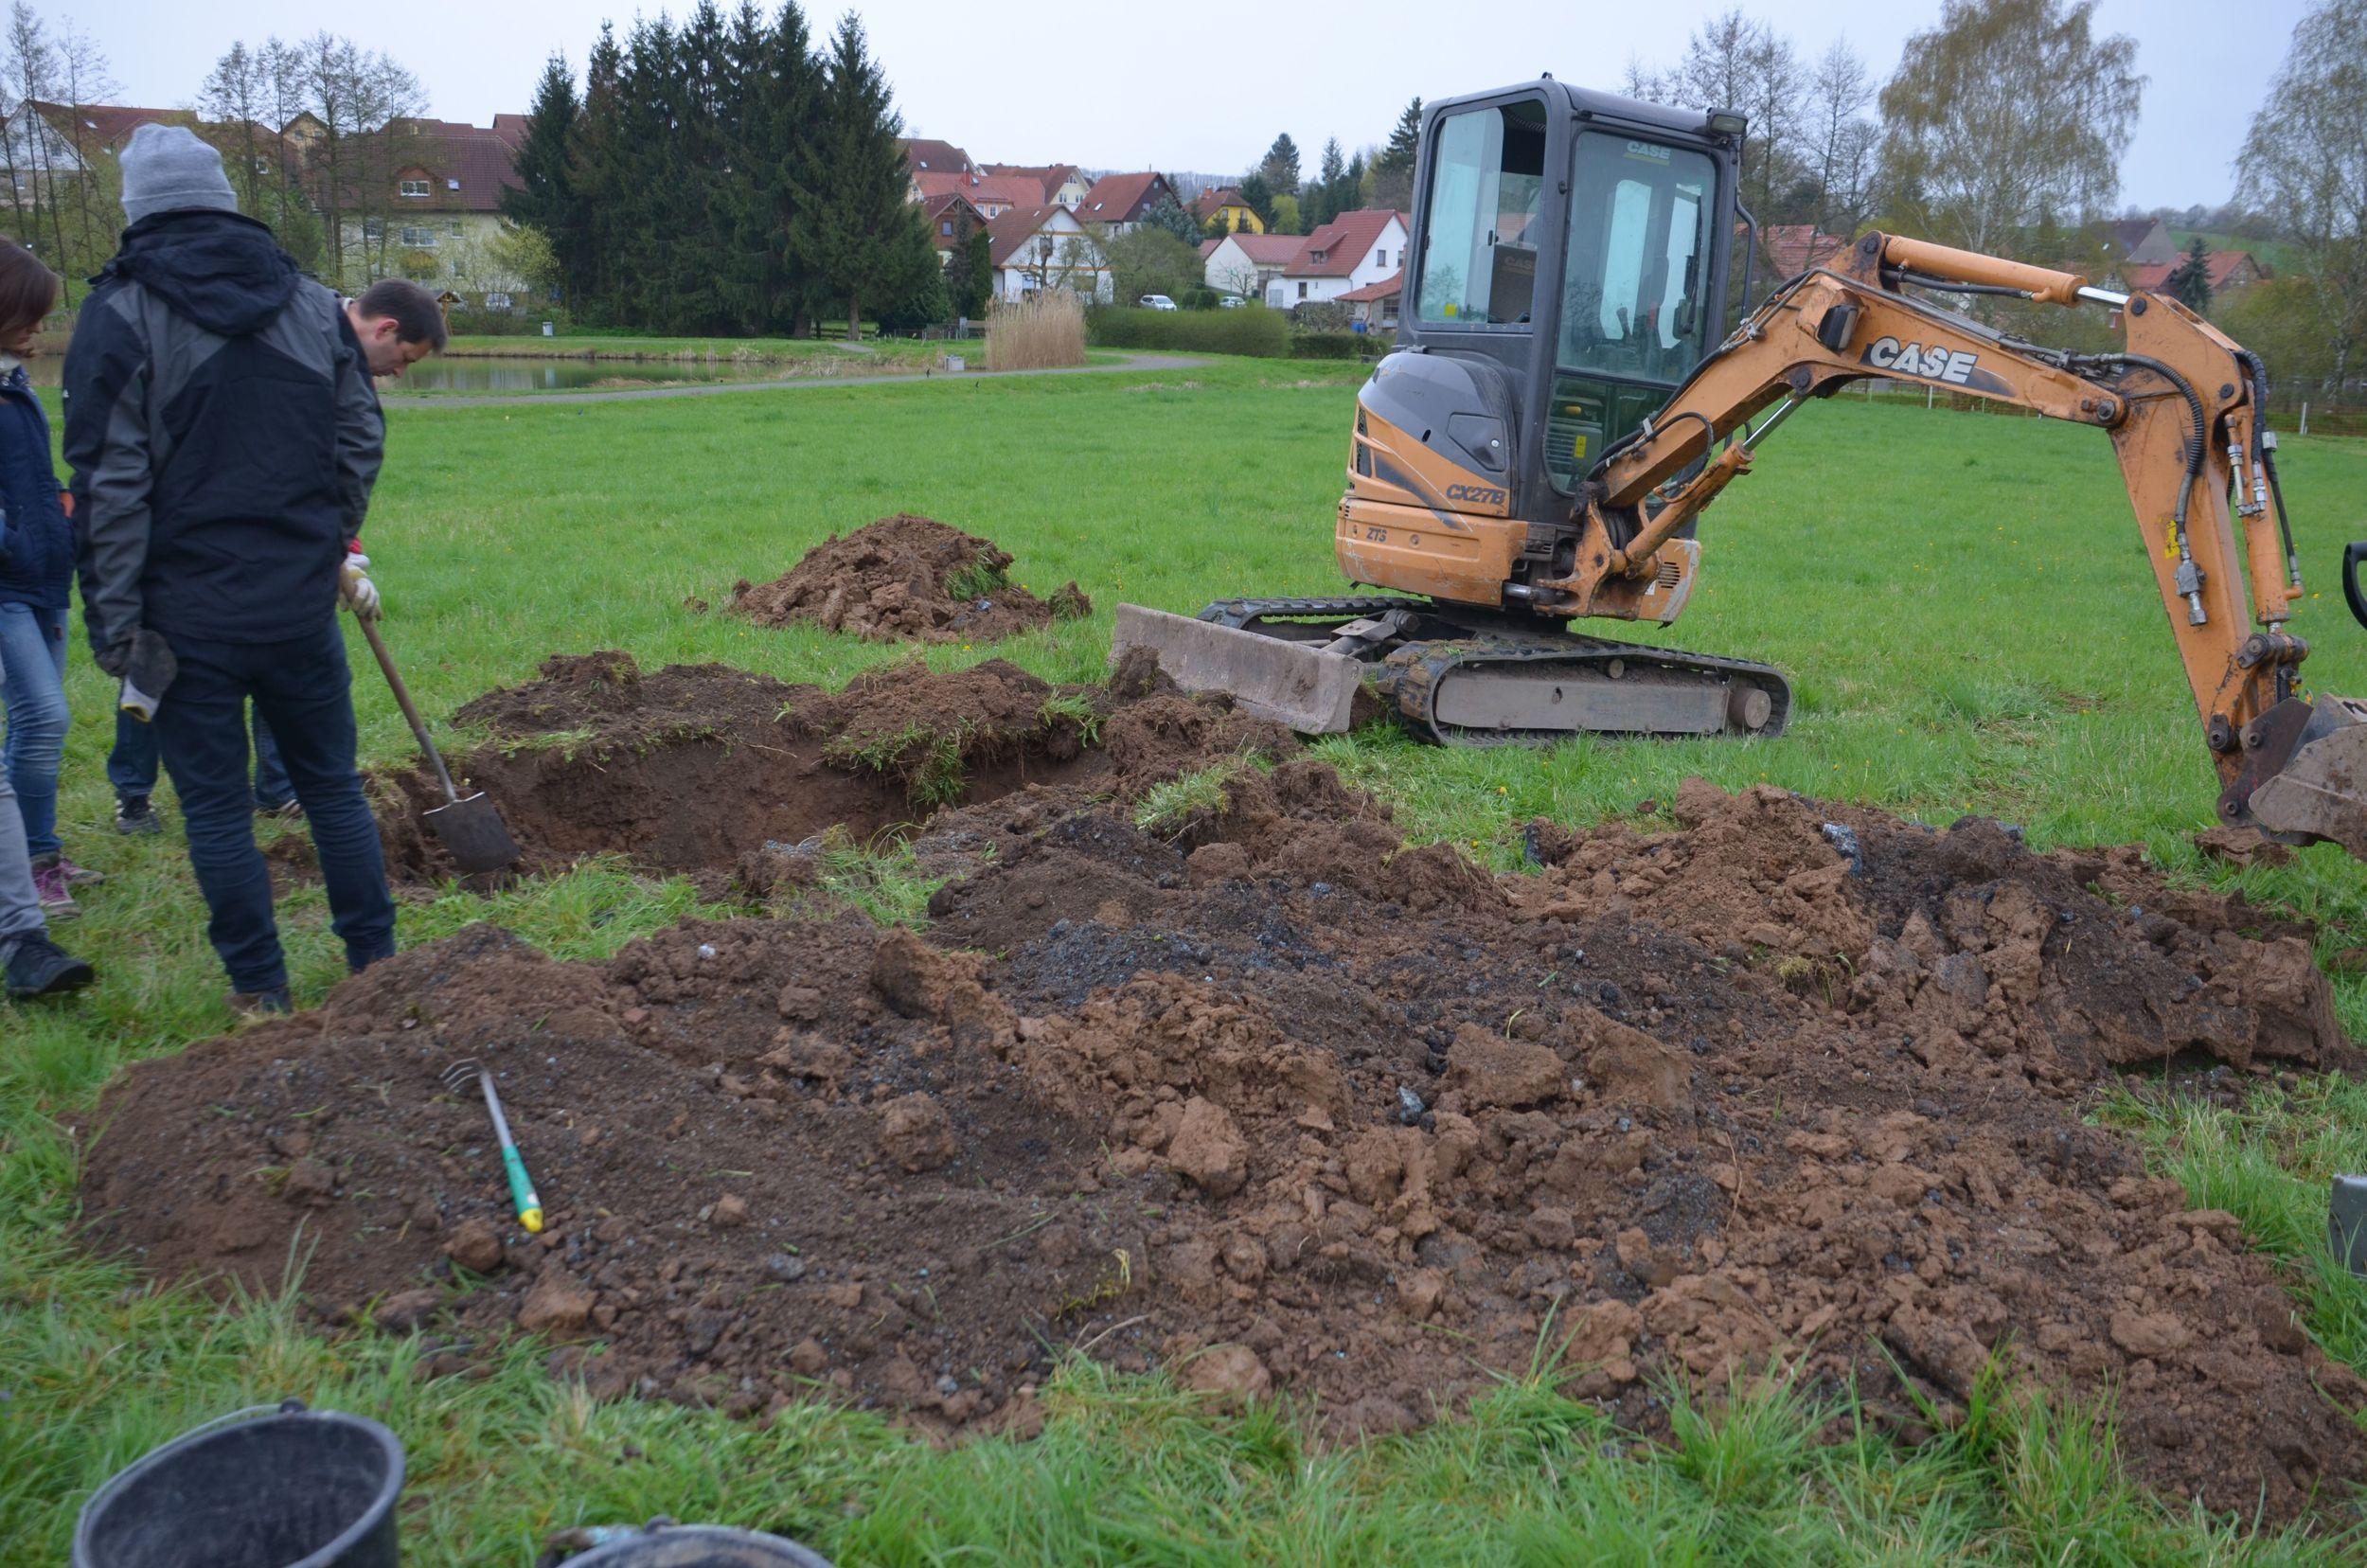 Bolin excavator